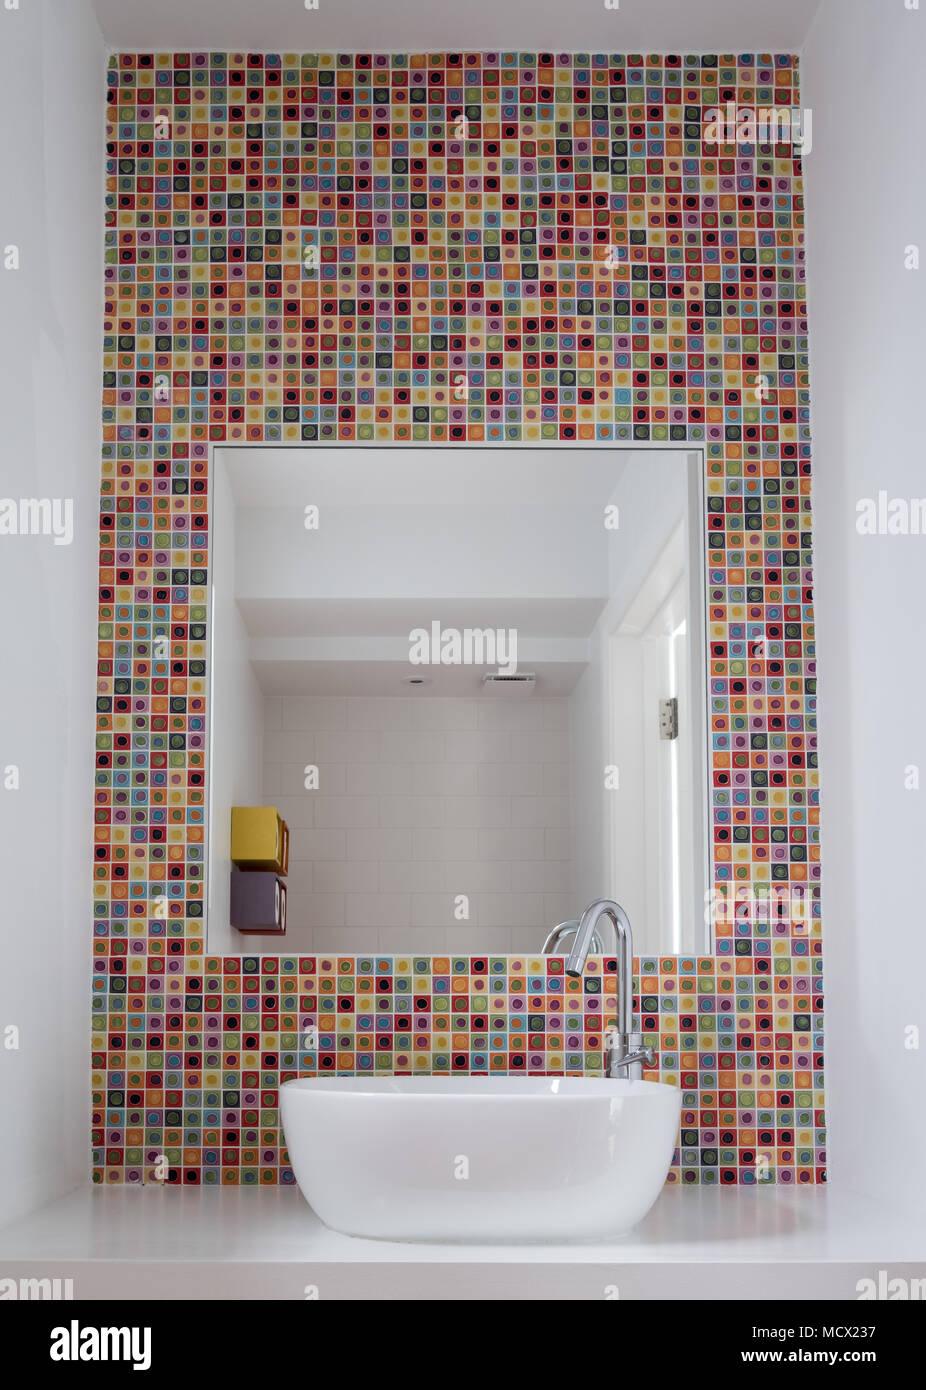 Badezimmer fliesen mosaik bunt  Badezimmer Waschbecken mit bunten Glas Mosaik Fliesen und Spiegel ...